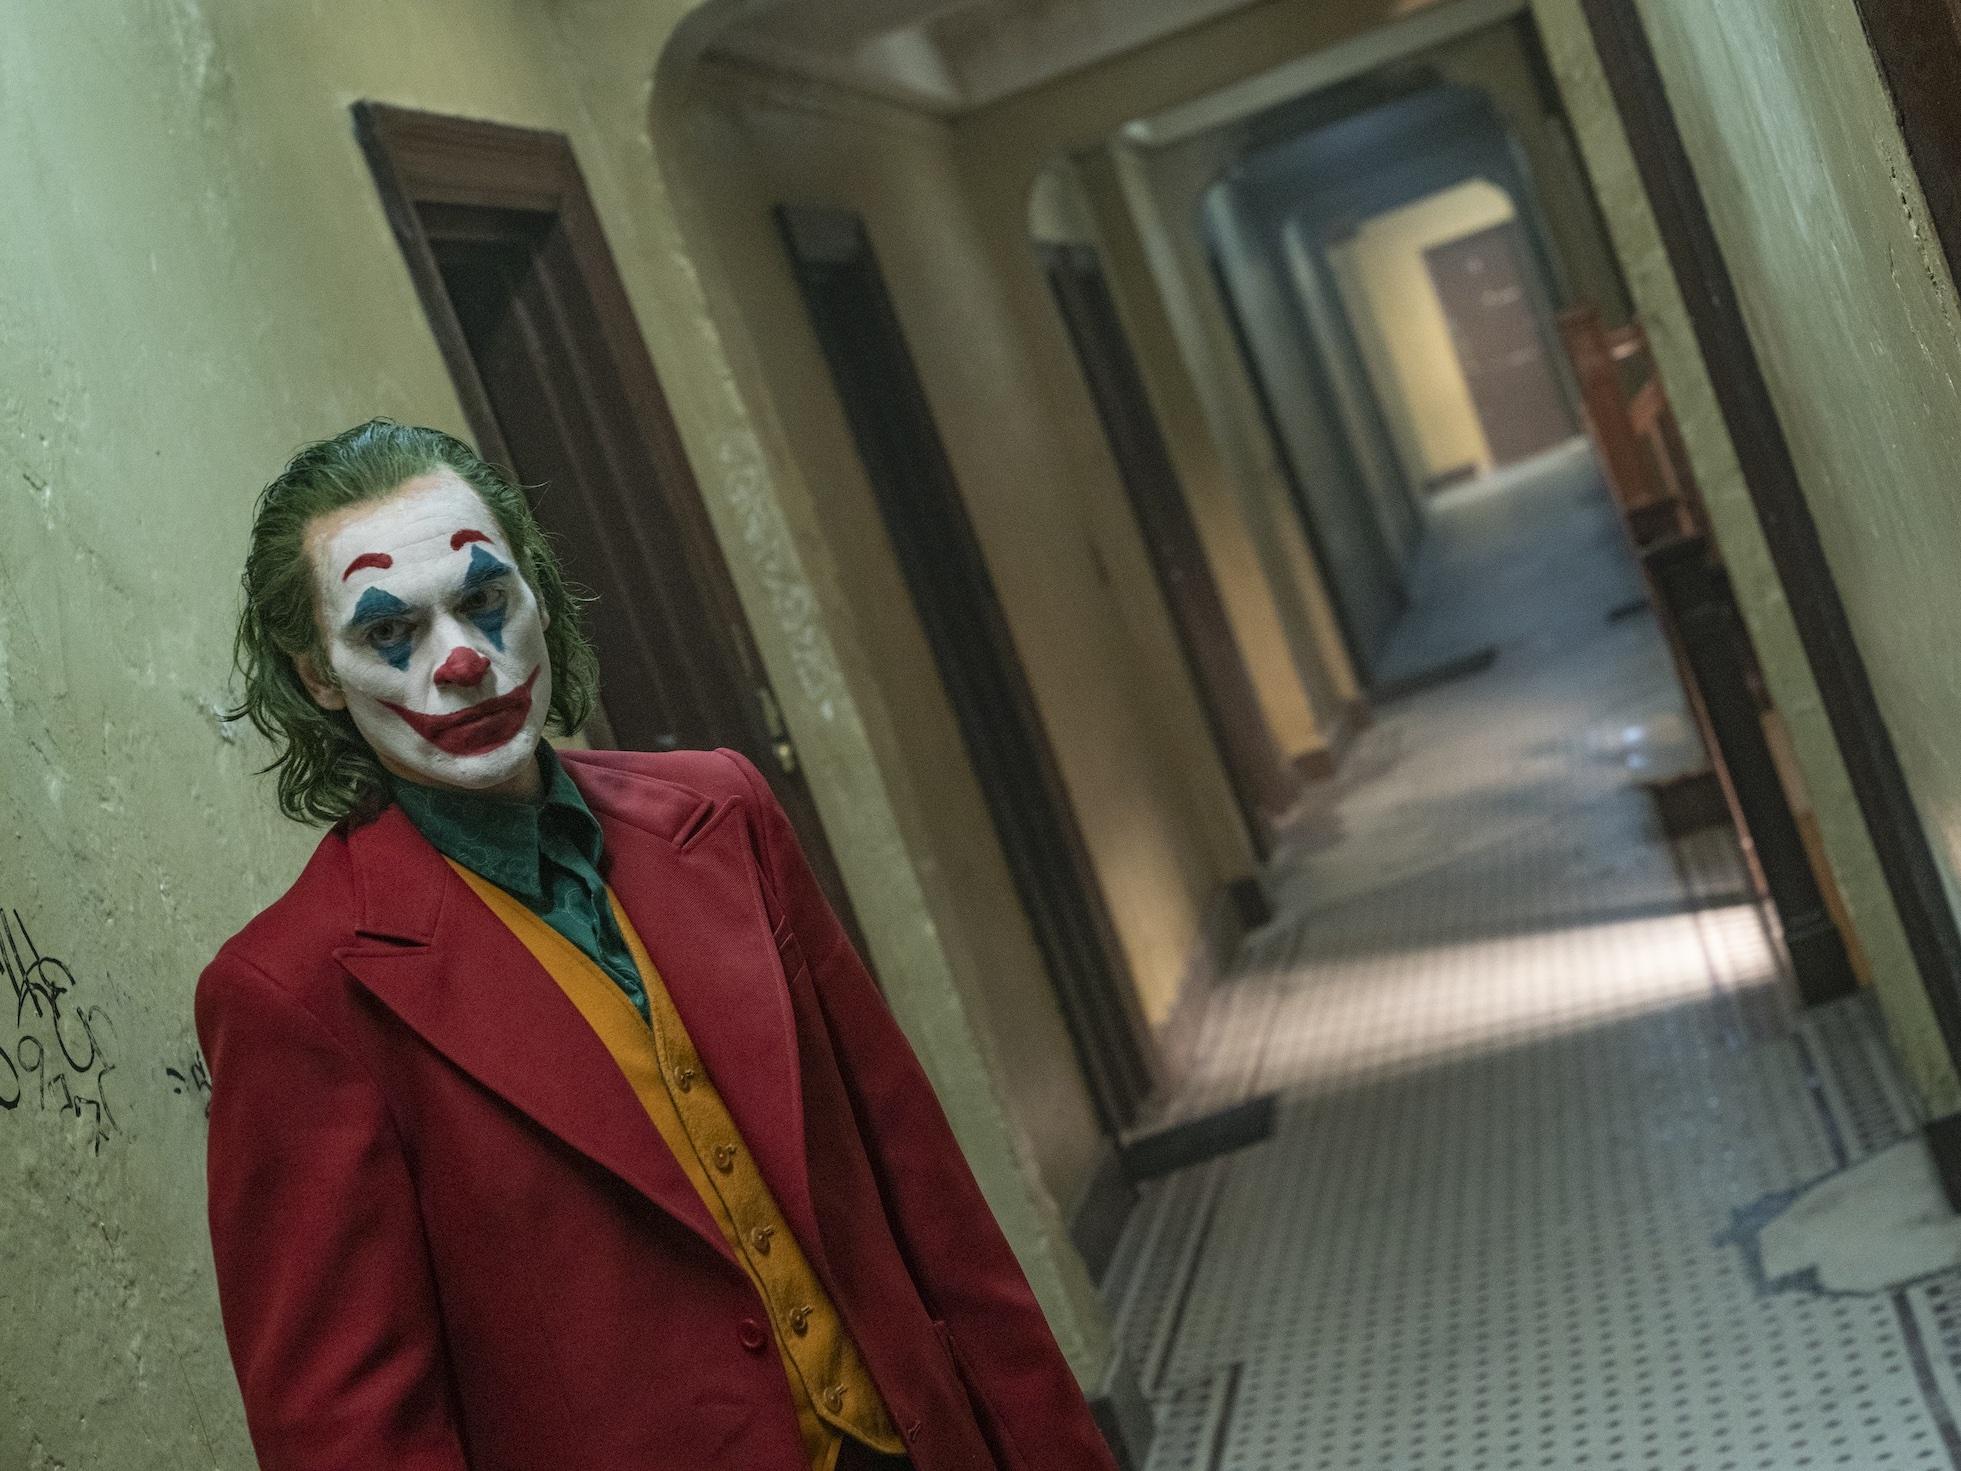 Joker Heath Ledger Film